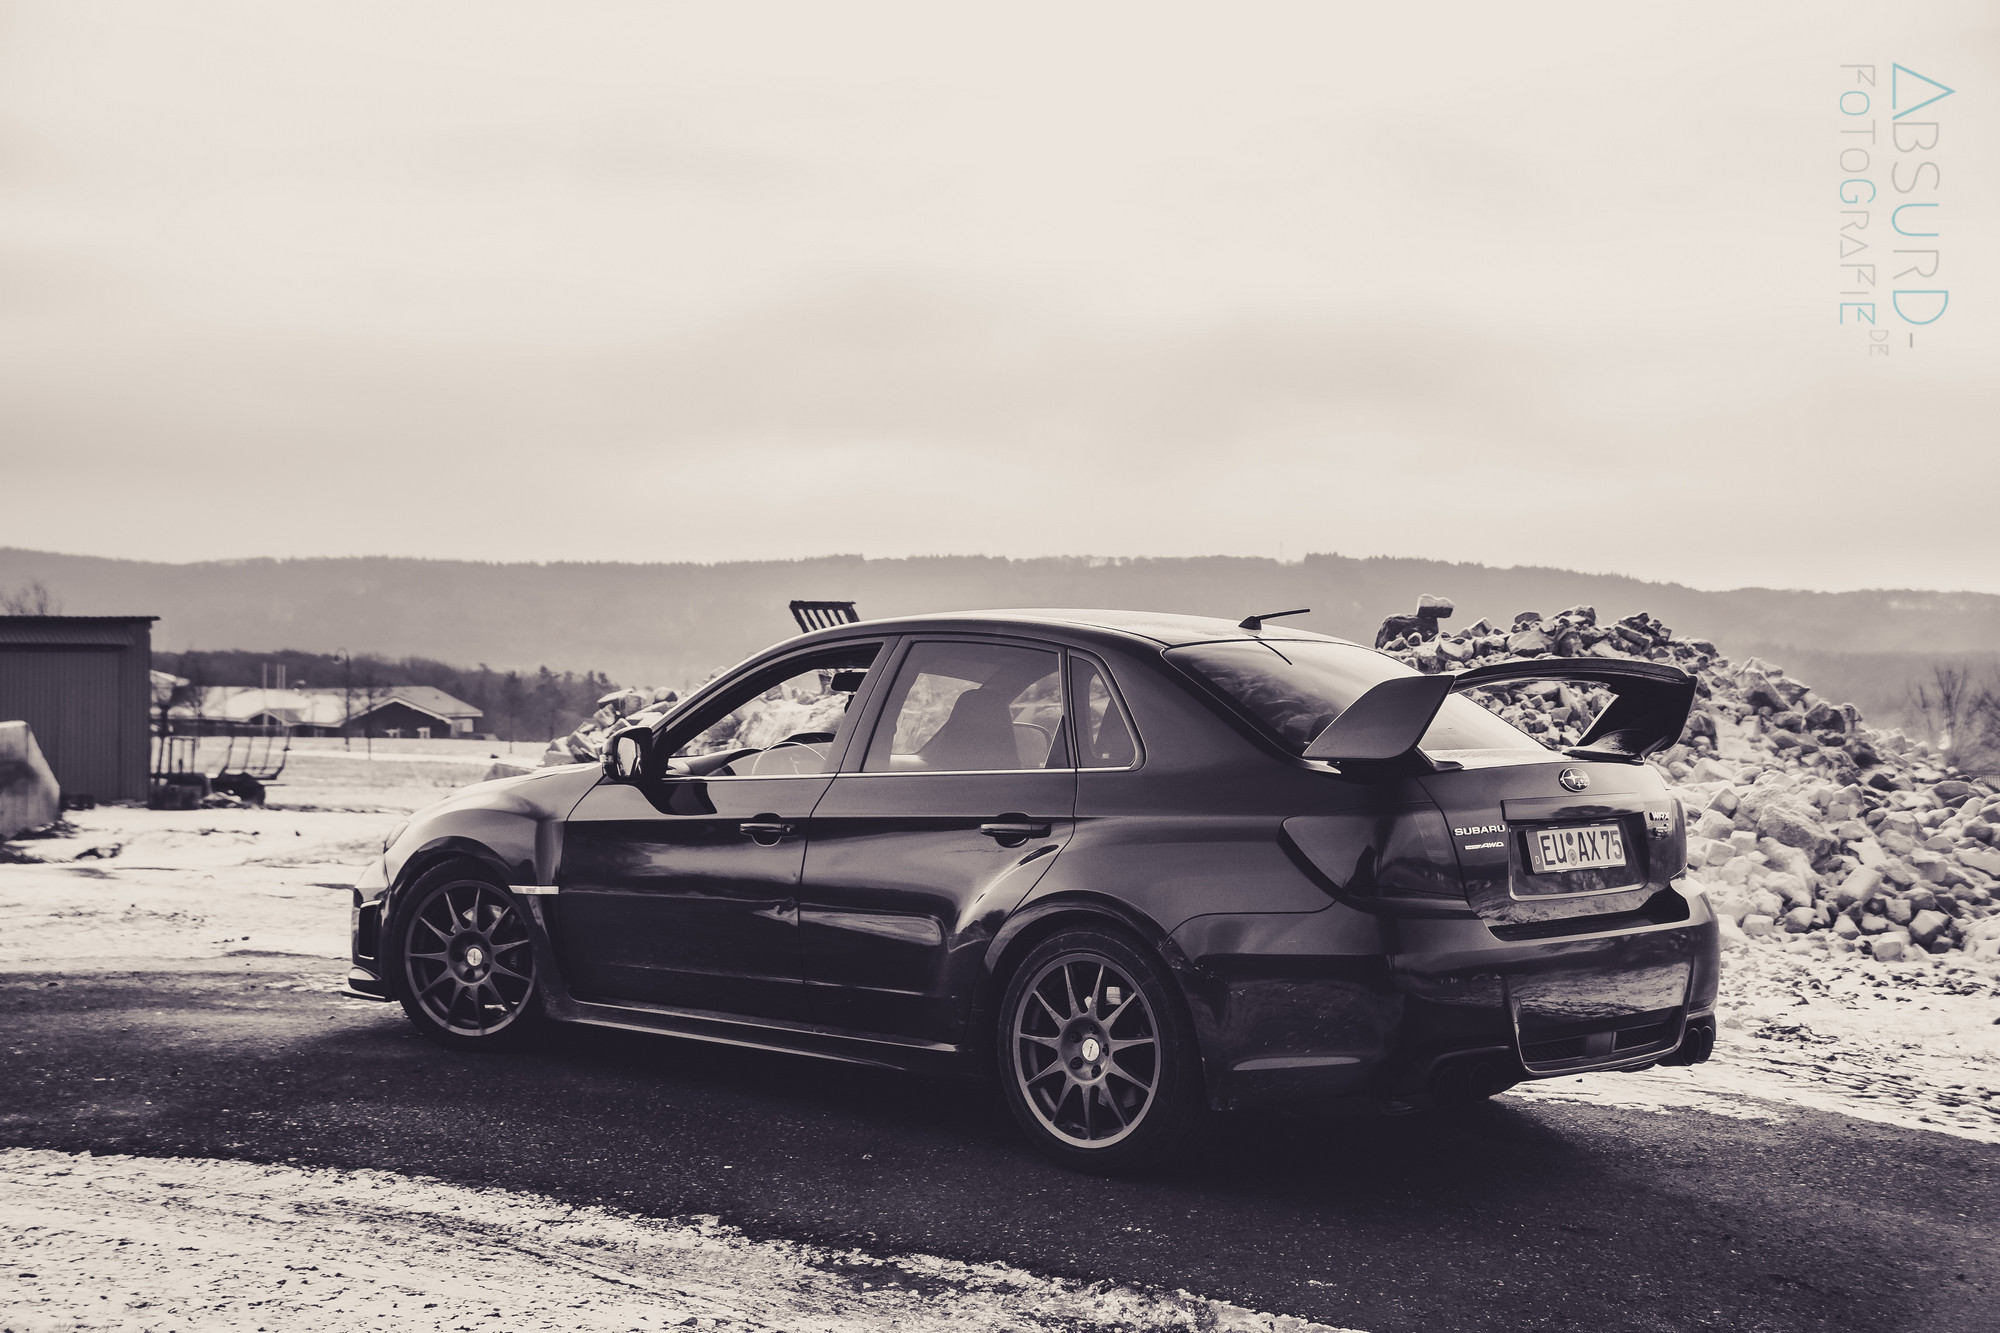 2019-01-20-Alex-Subaru-STI - DSC01895-00012-lredit-_tn.jpg